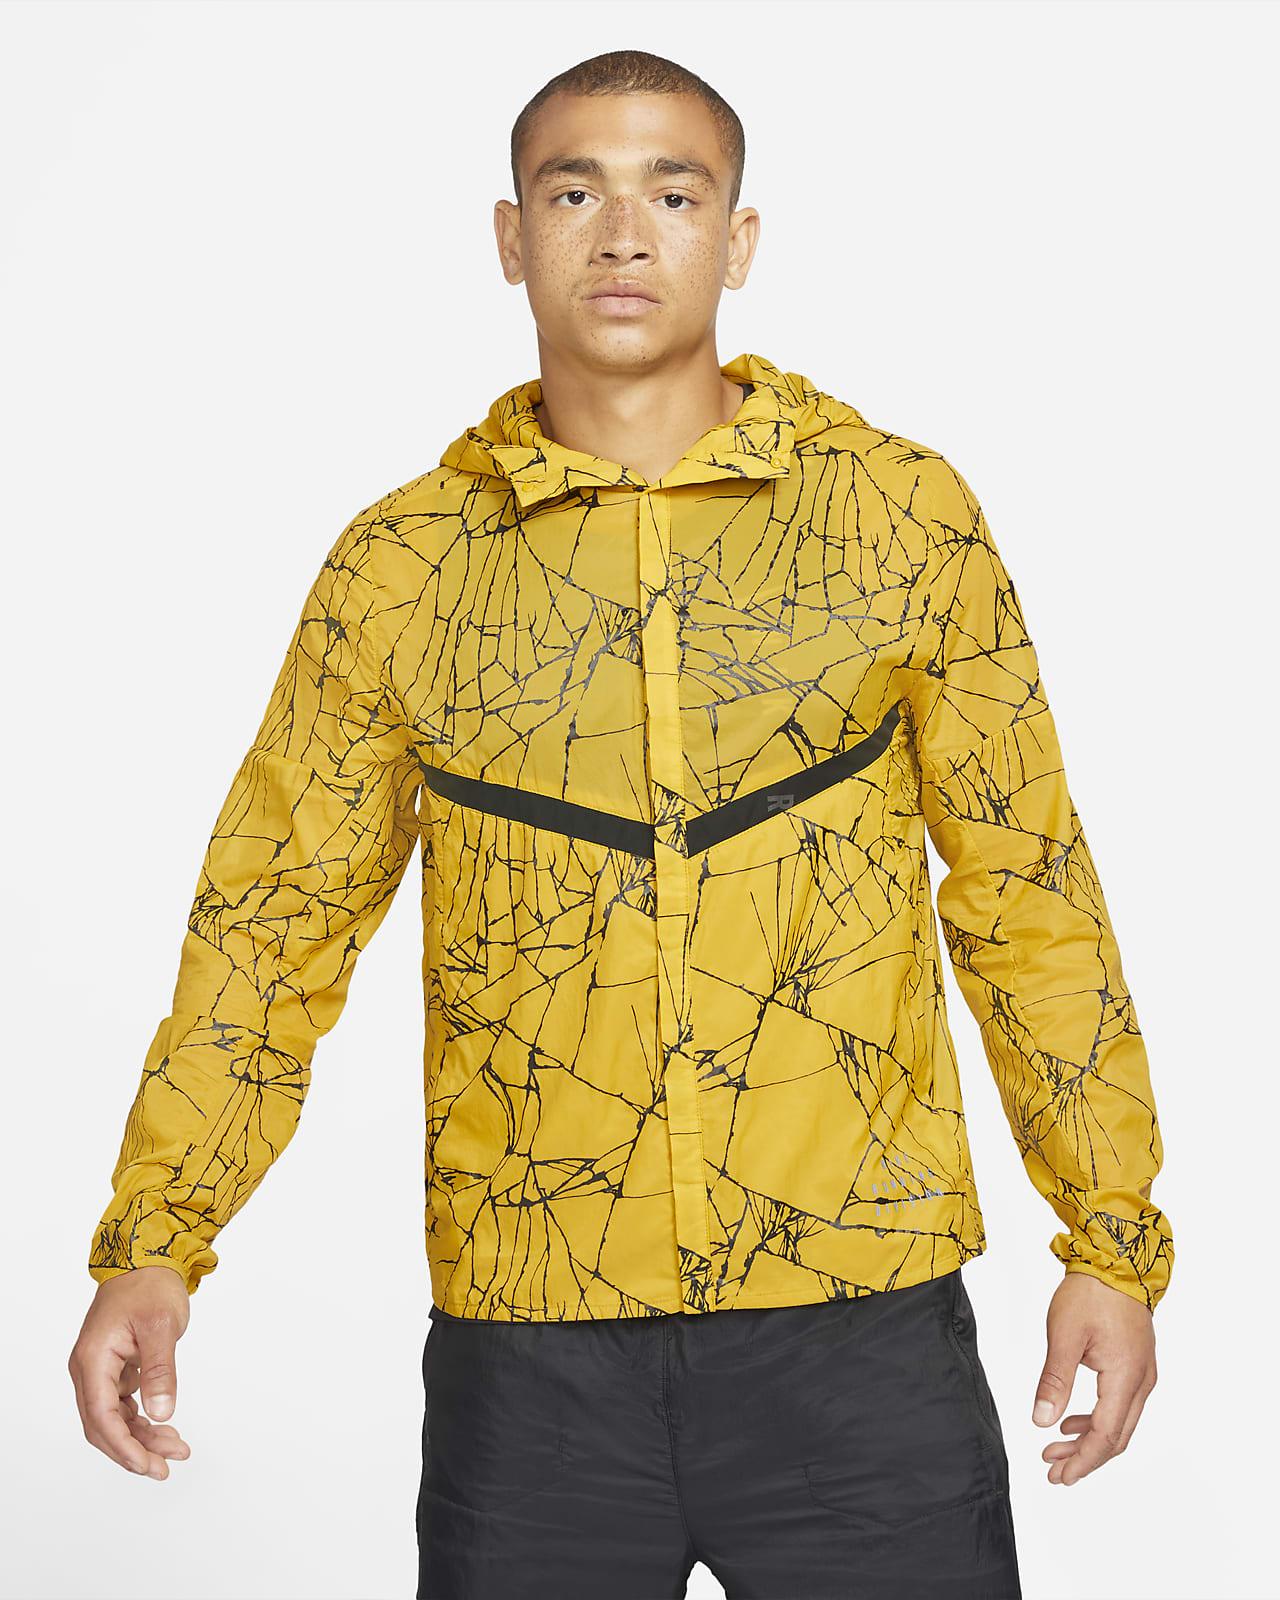 Nike Run Division Pinnacle Men's Running Jacket